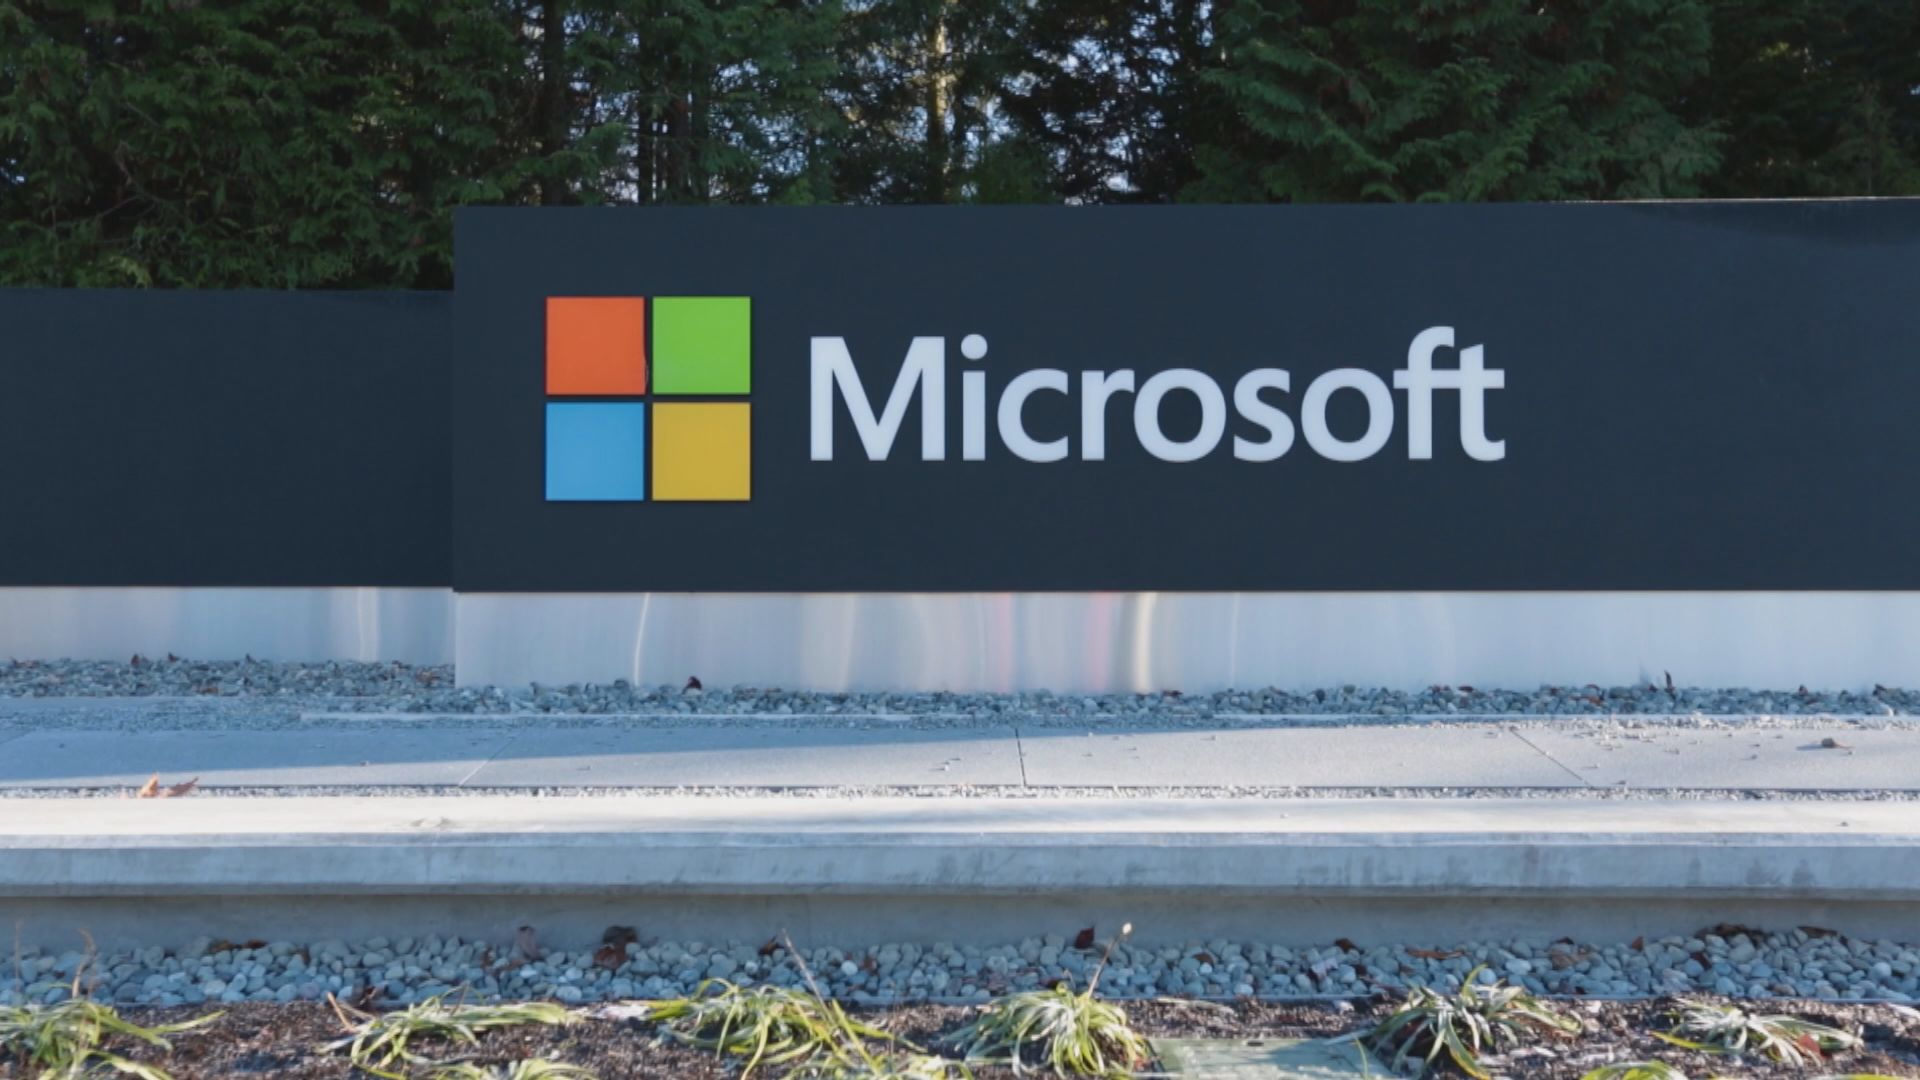 微軟指中國黑客竊取資料 中方:須有證據勿無端猜測